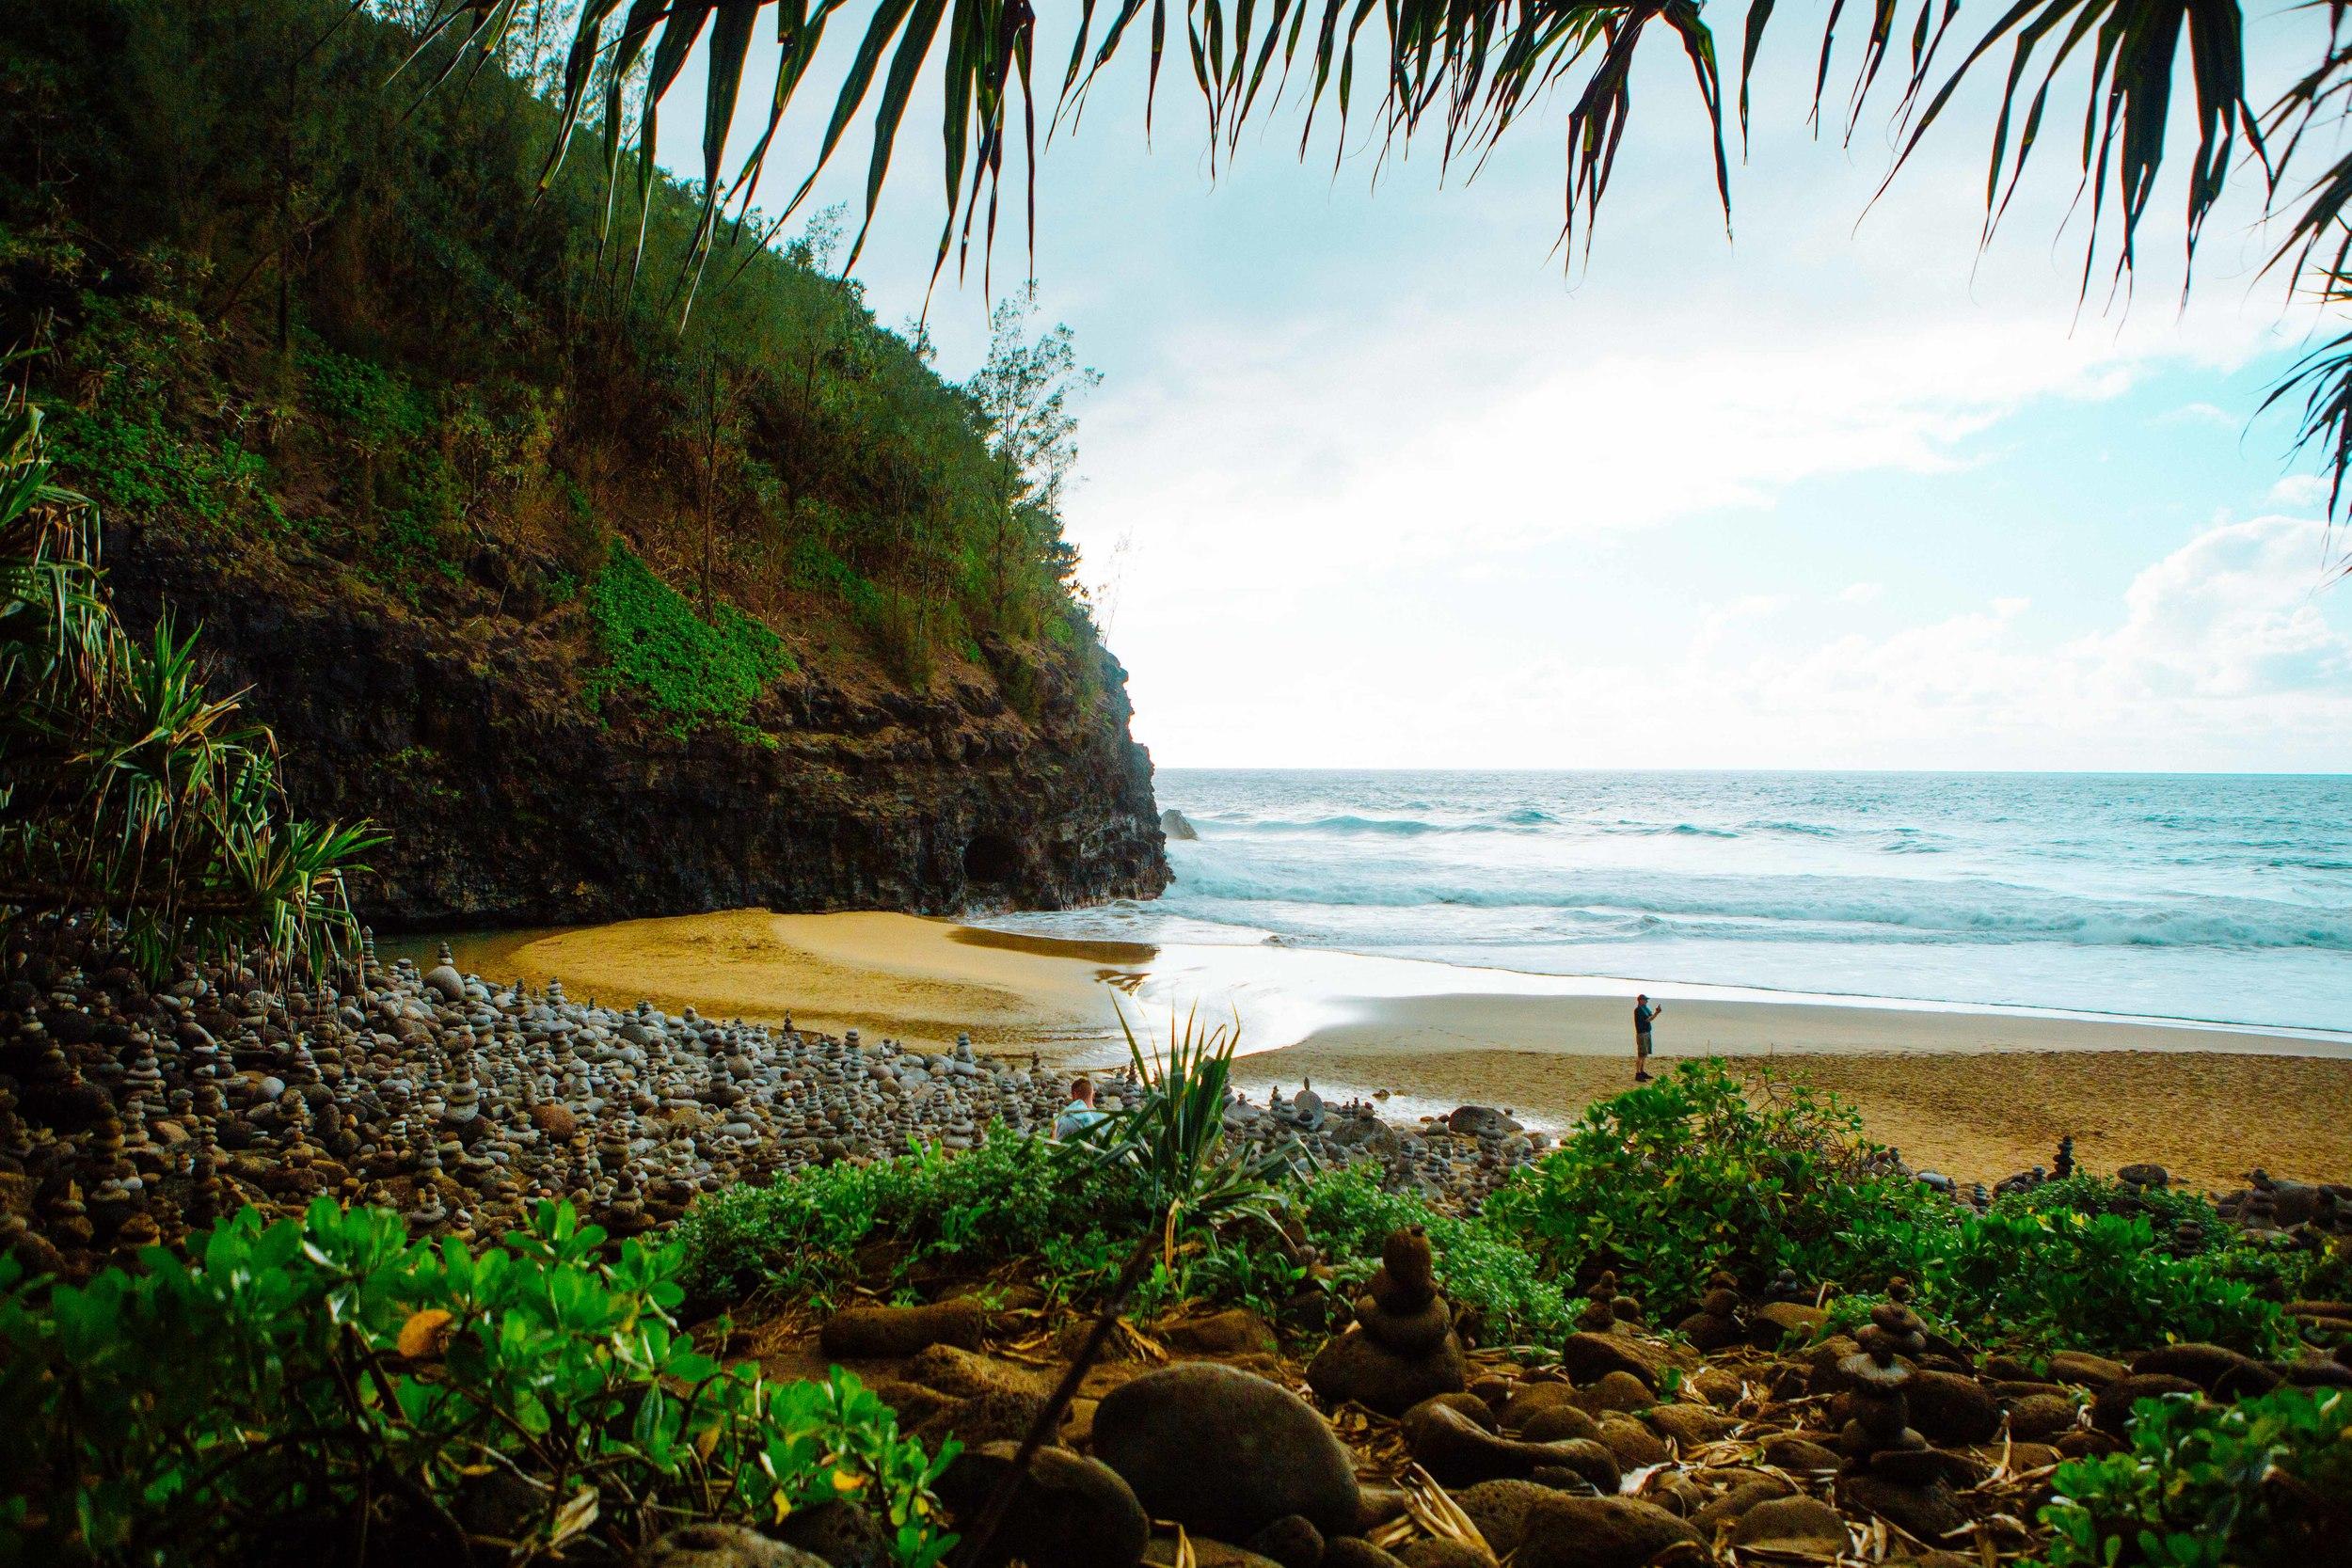 Kauai_day2_-381-2.jpg